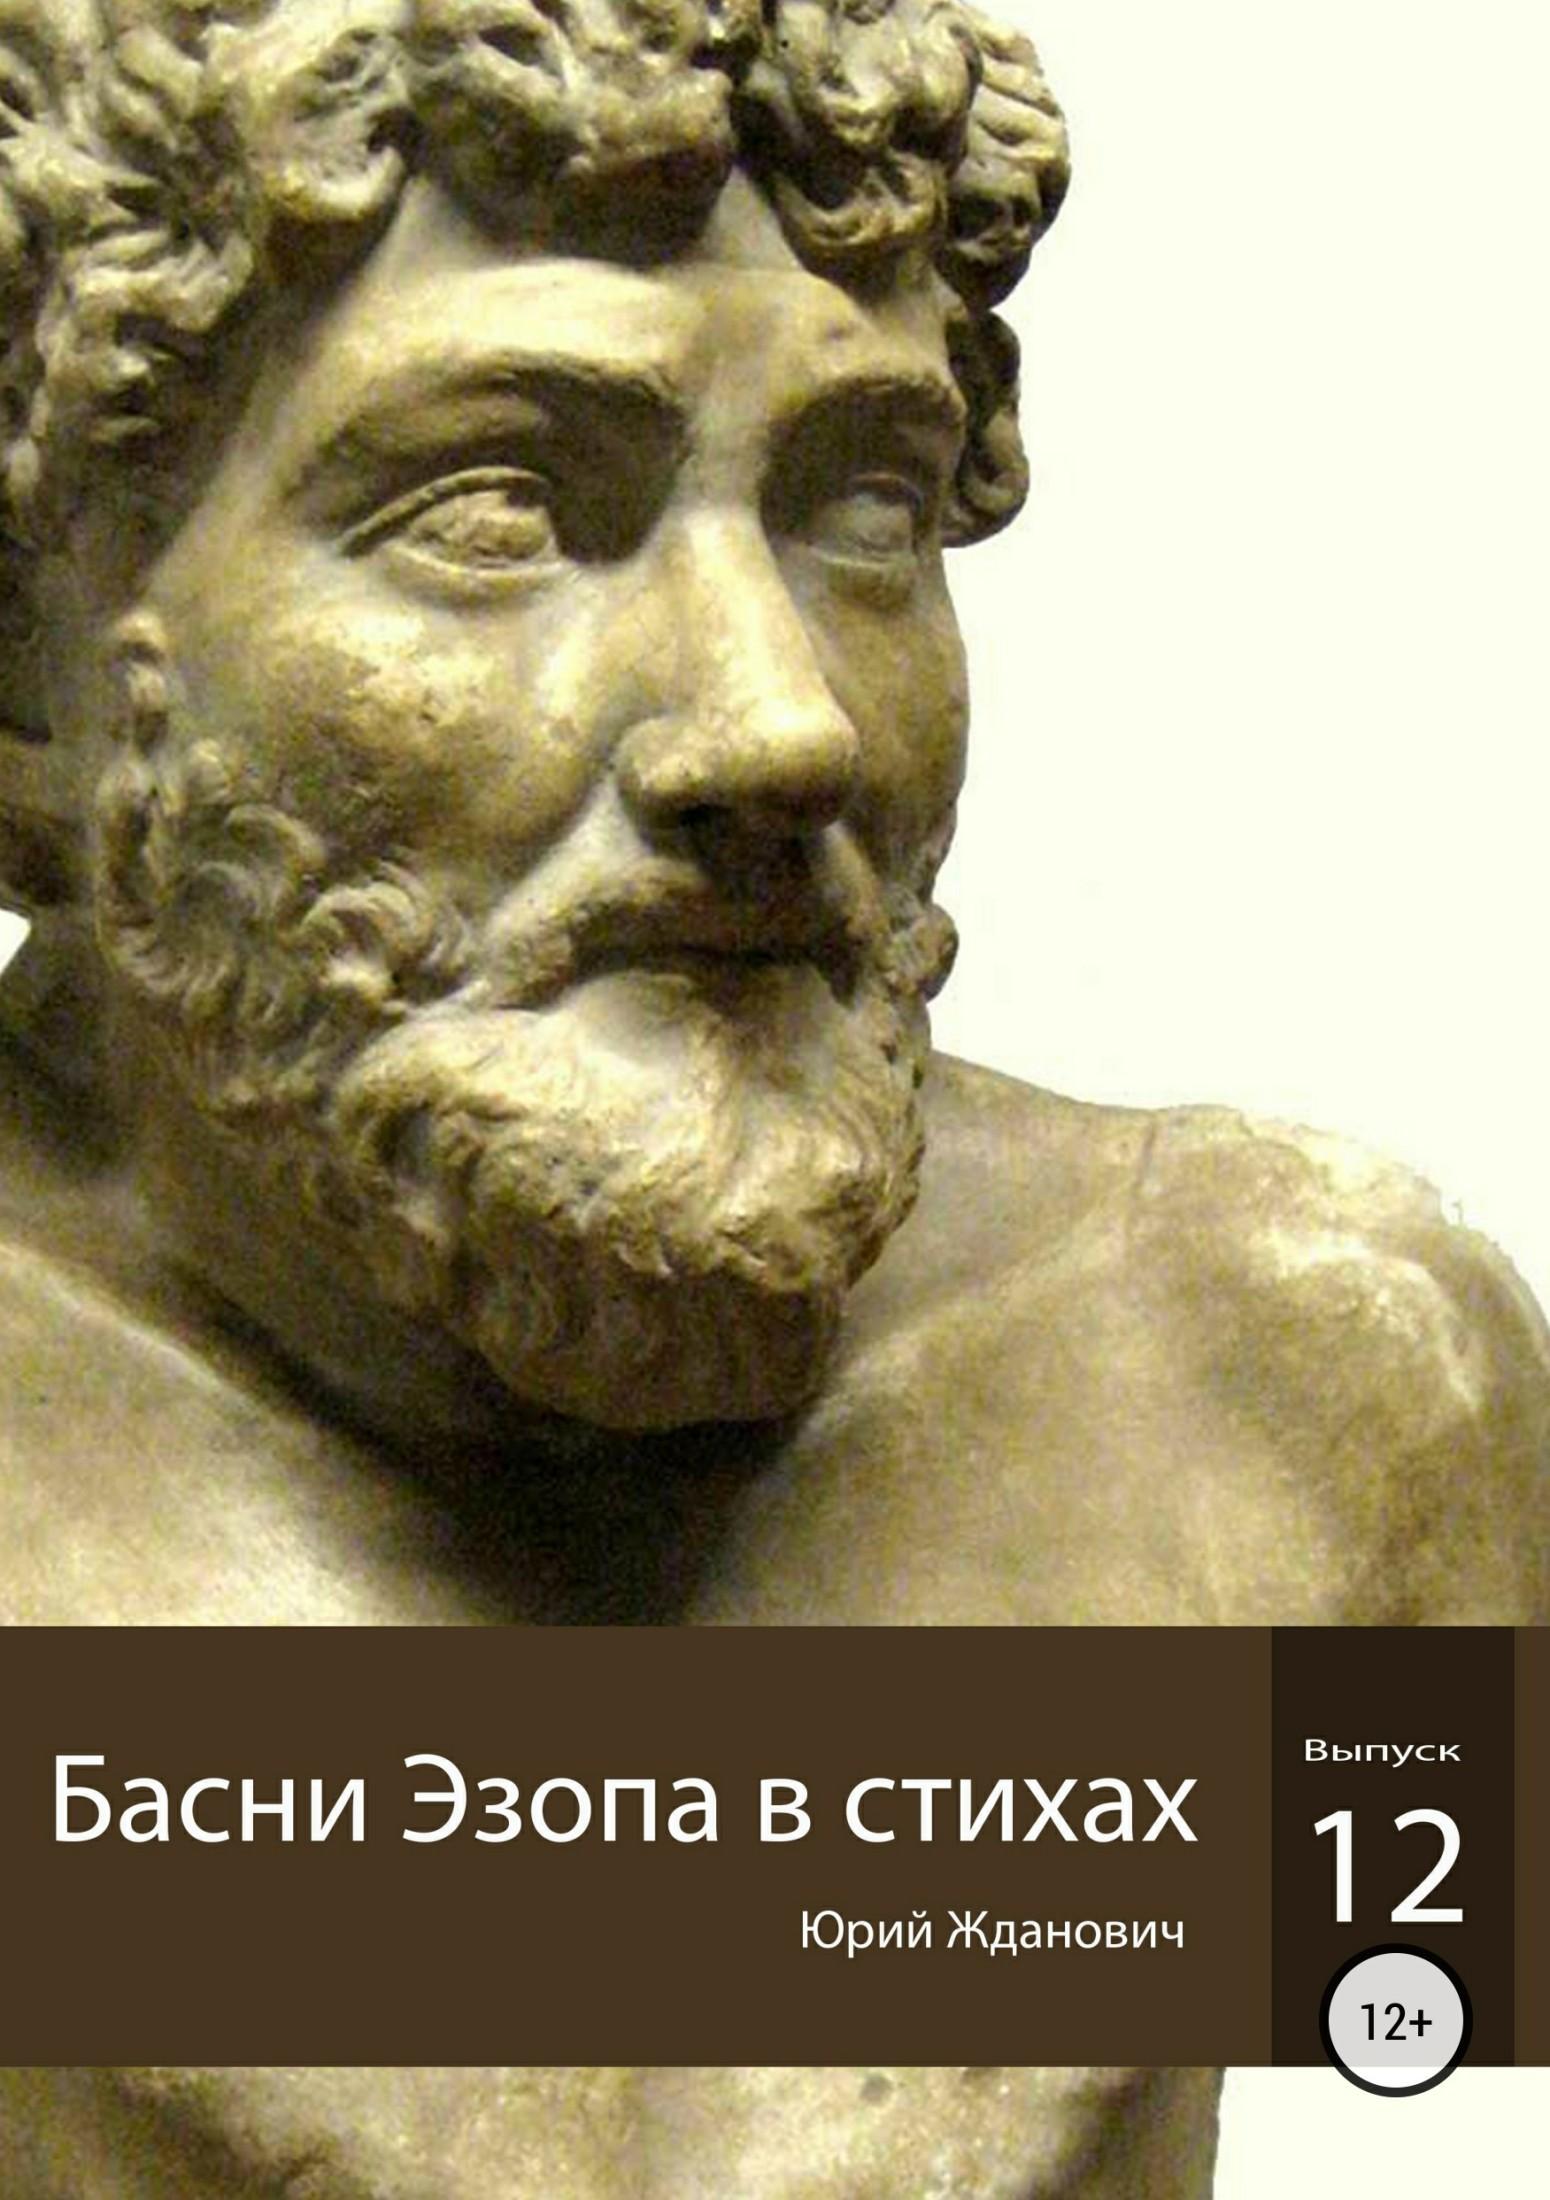 Басни Эзопа в стихах. Выпуск 12